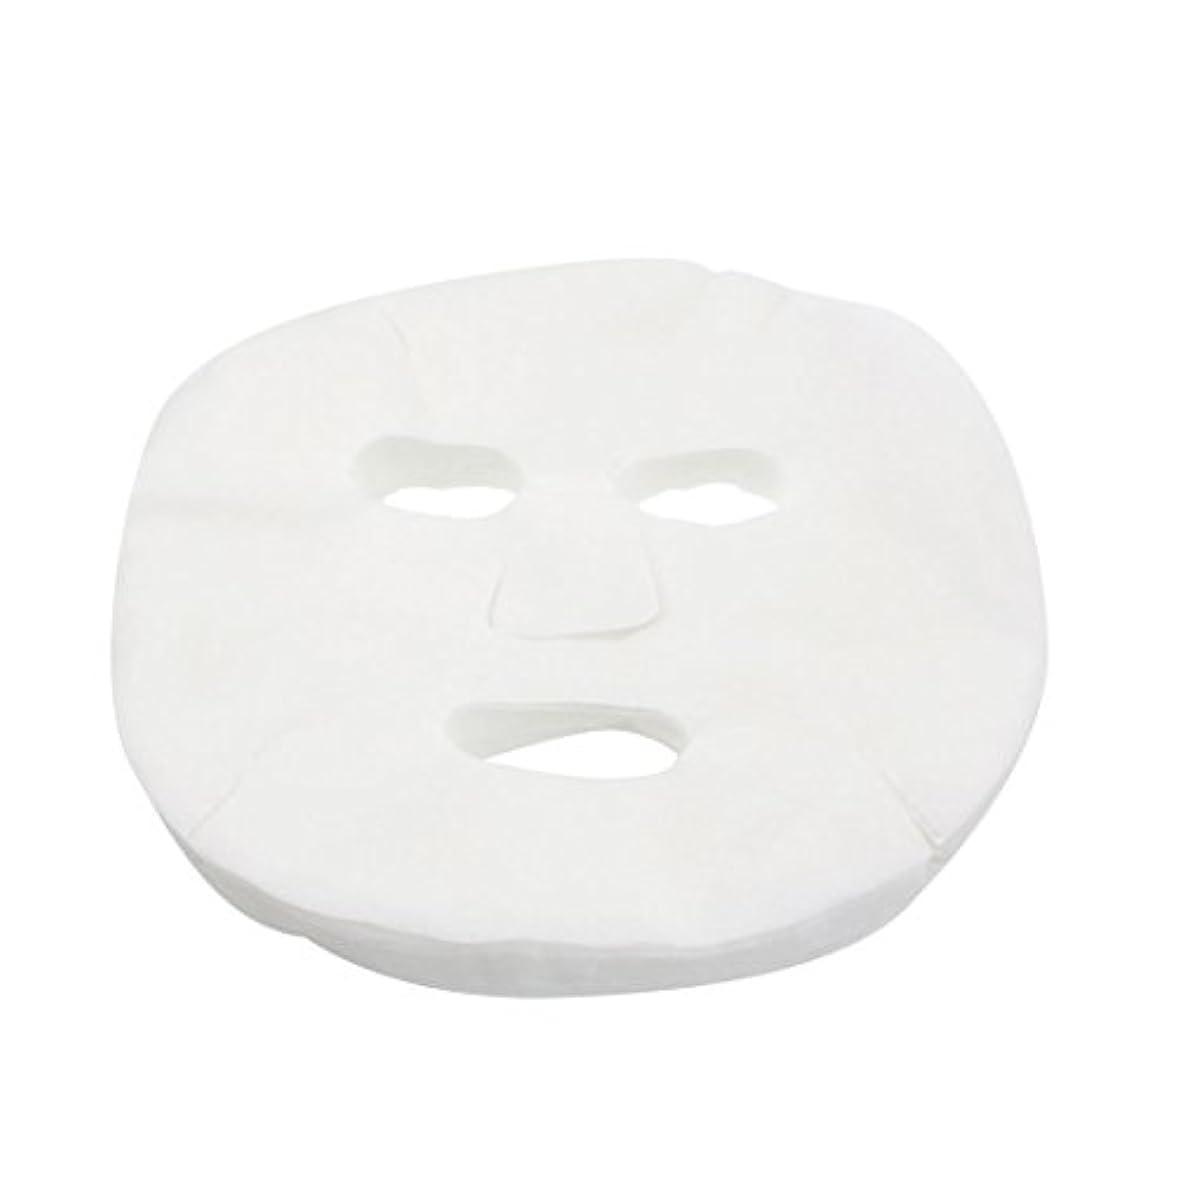 既にプレビスサイト勘違いするSODIAL 1バッグ(60個) DIYプロフェッショナルスキンケア化粧品 コットンフェイシャルマスクシート レディース - ホワイト